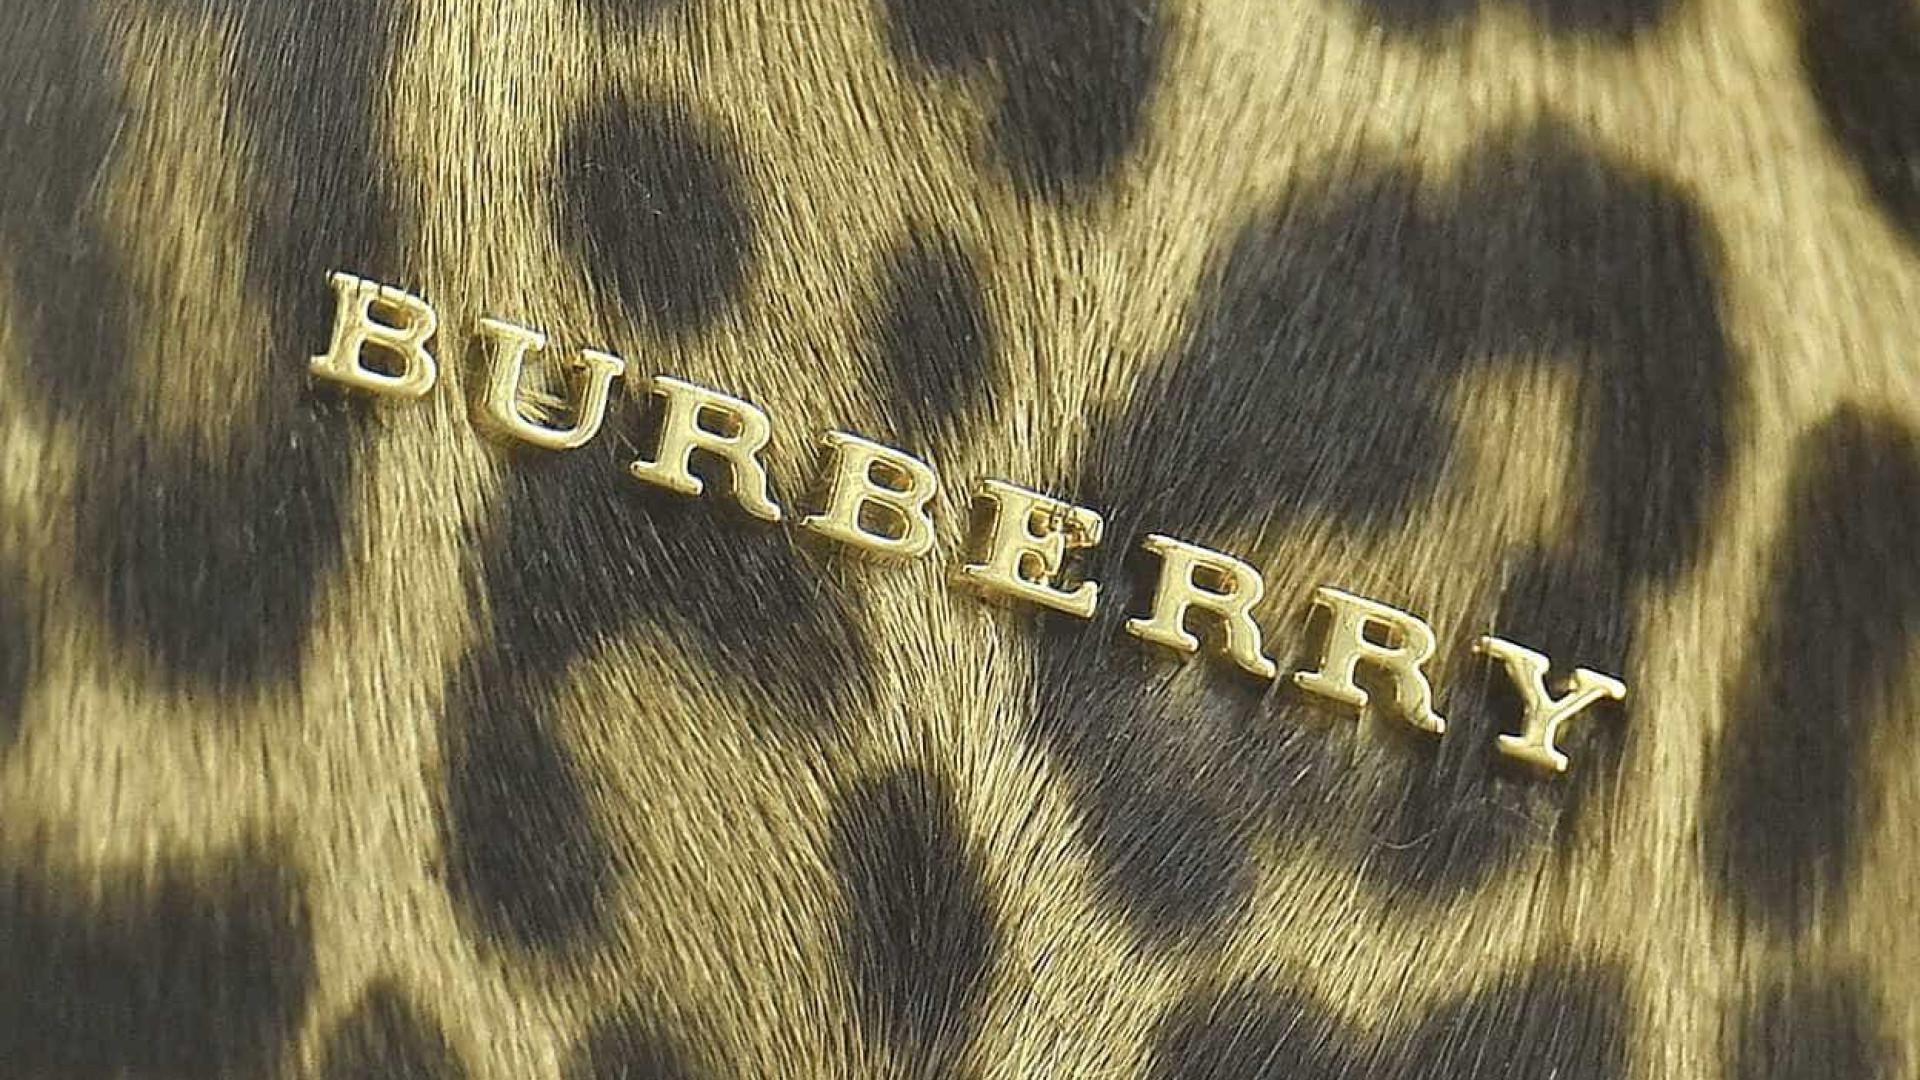 Burberry queimou 32 milhões de euros em roupa para manter exclusividade